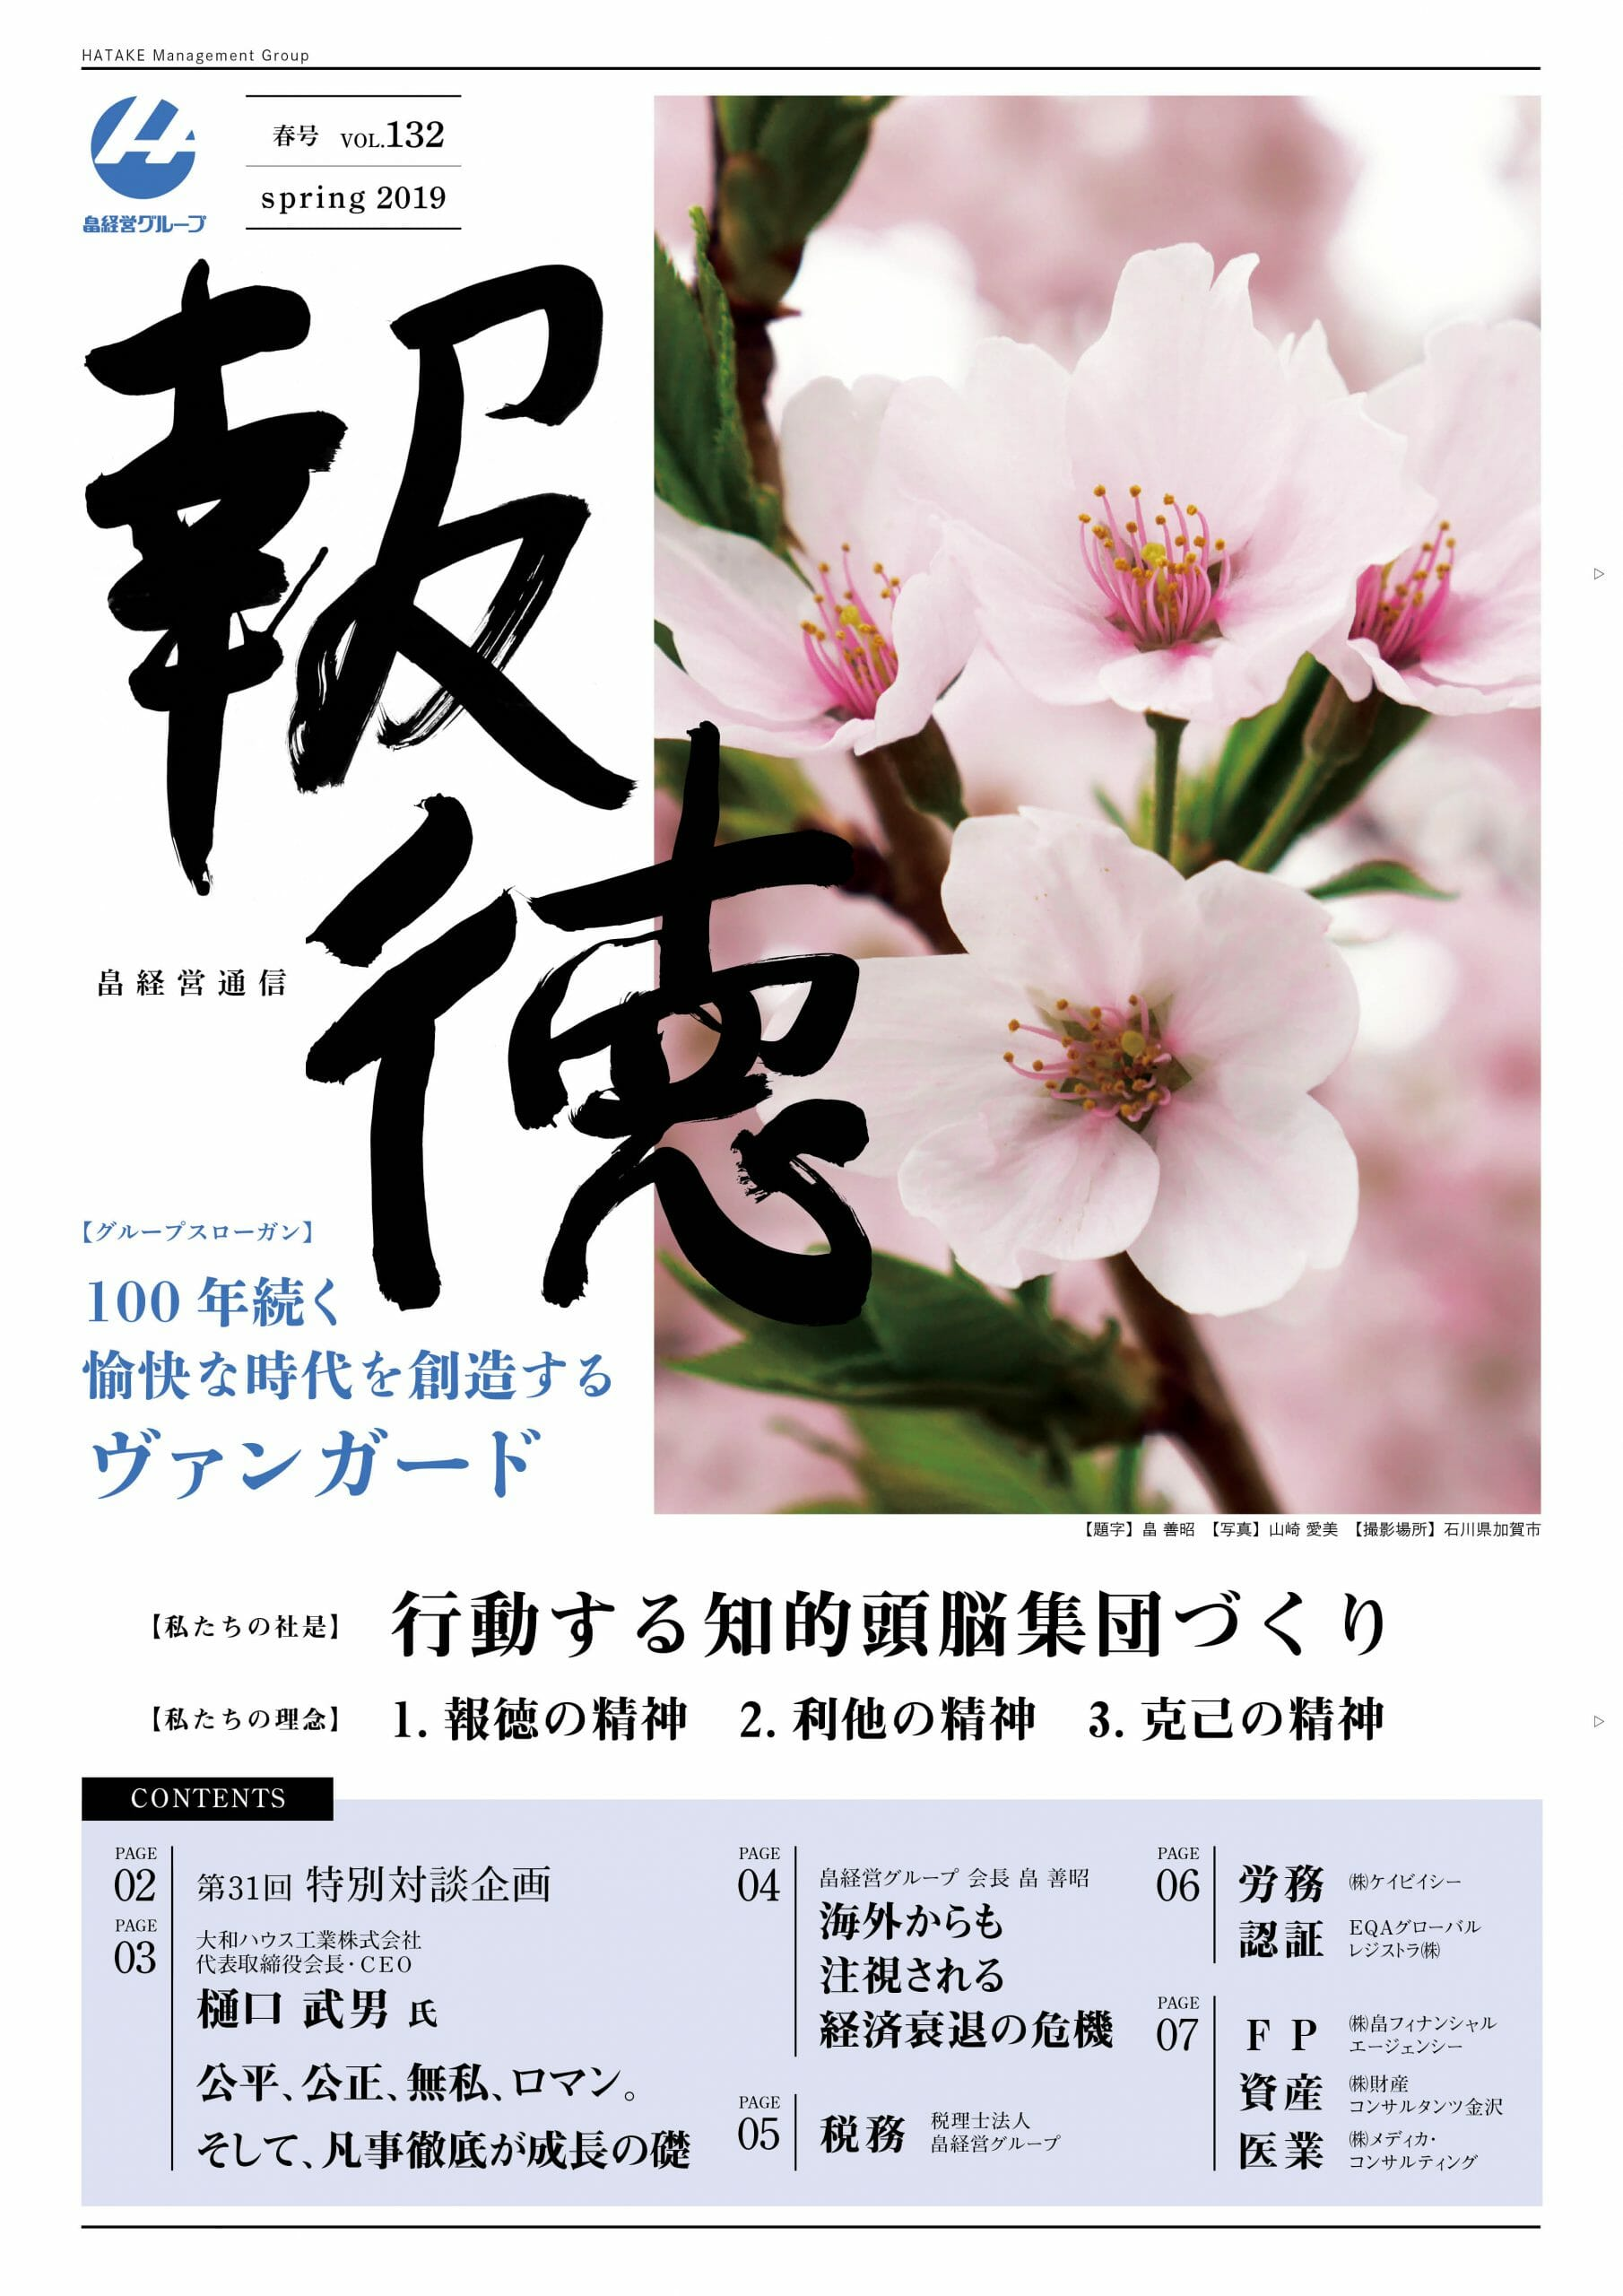 2019年4月4日 報徳春号vol.132 発刊しました